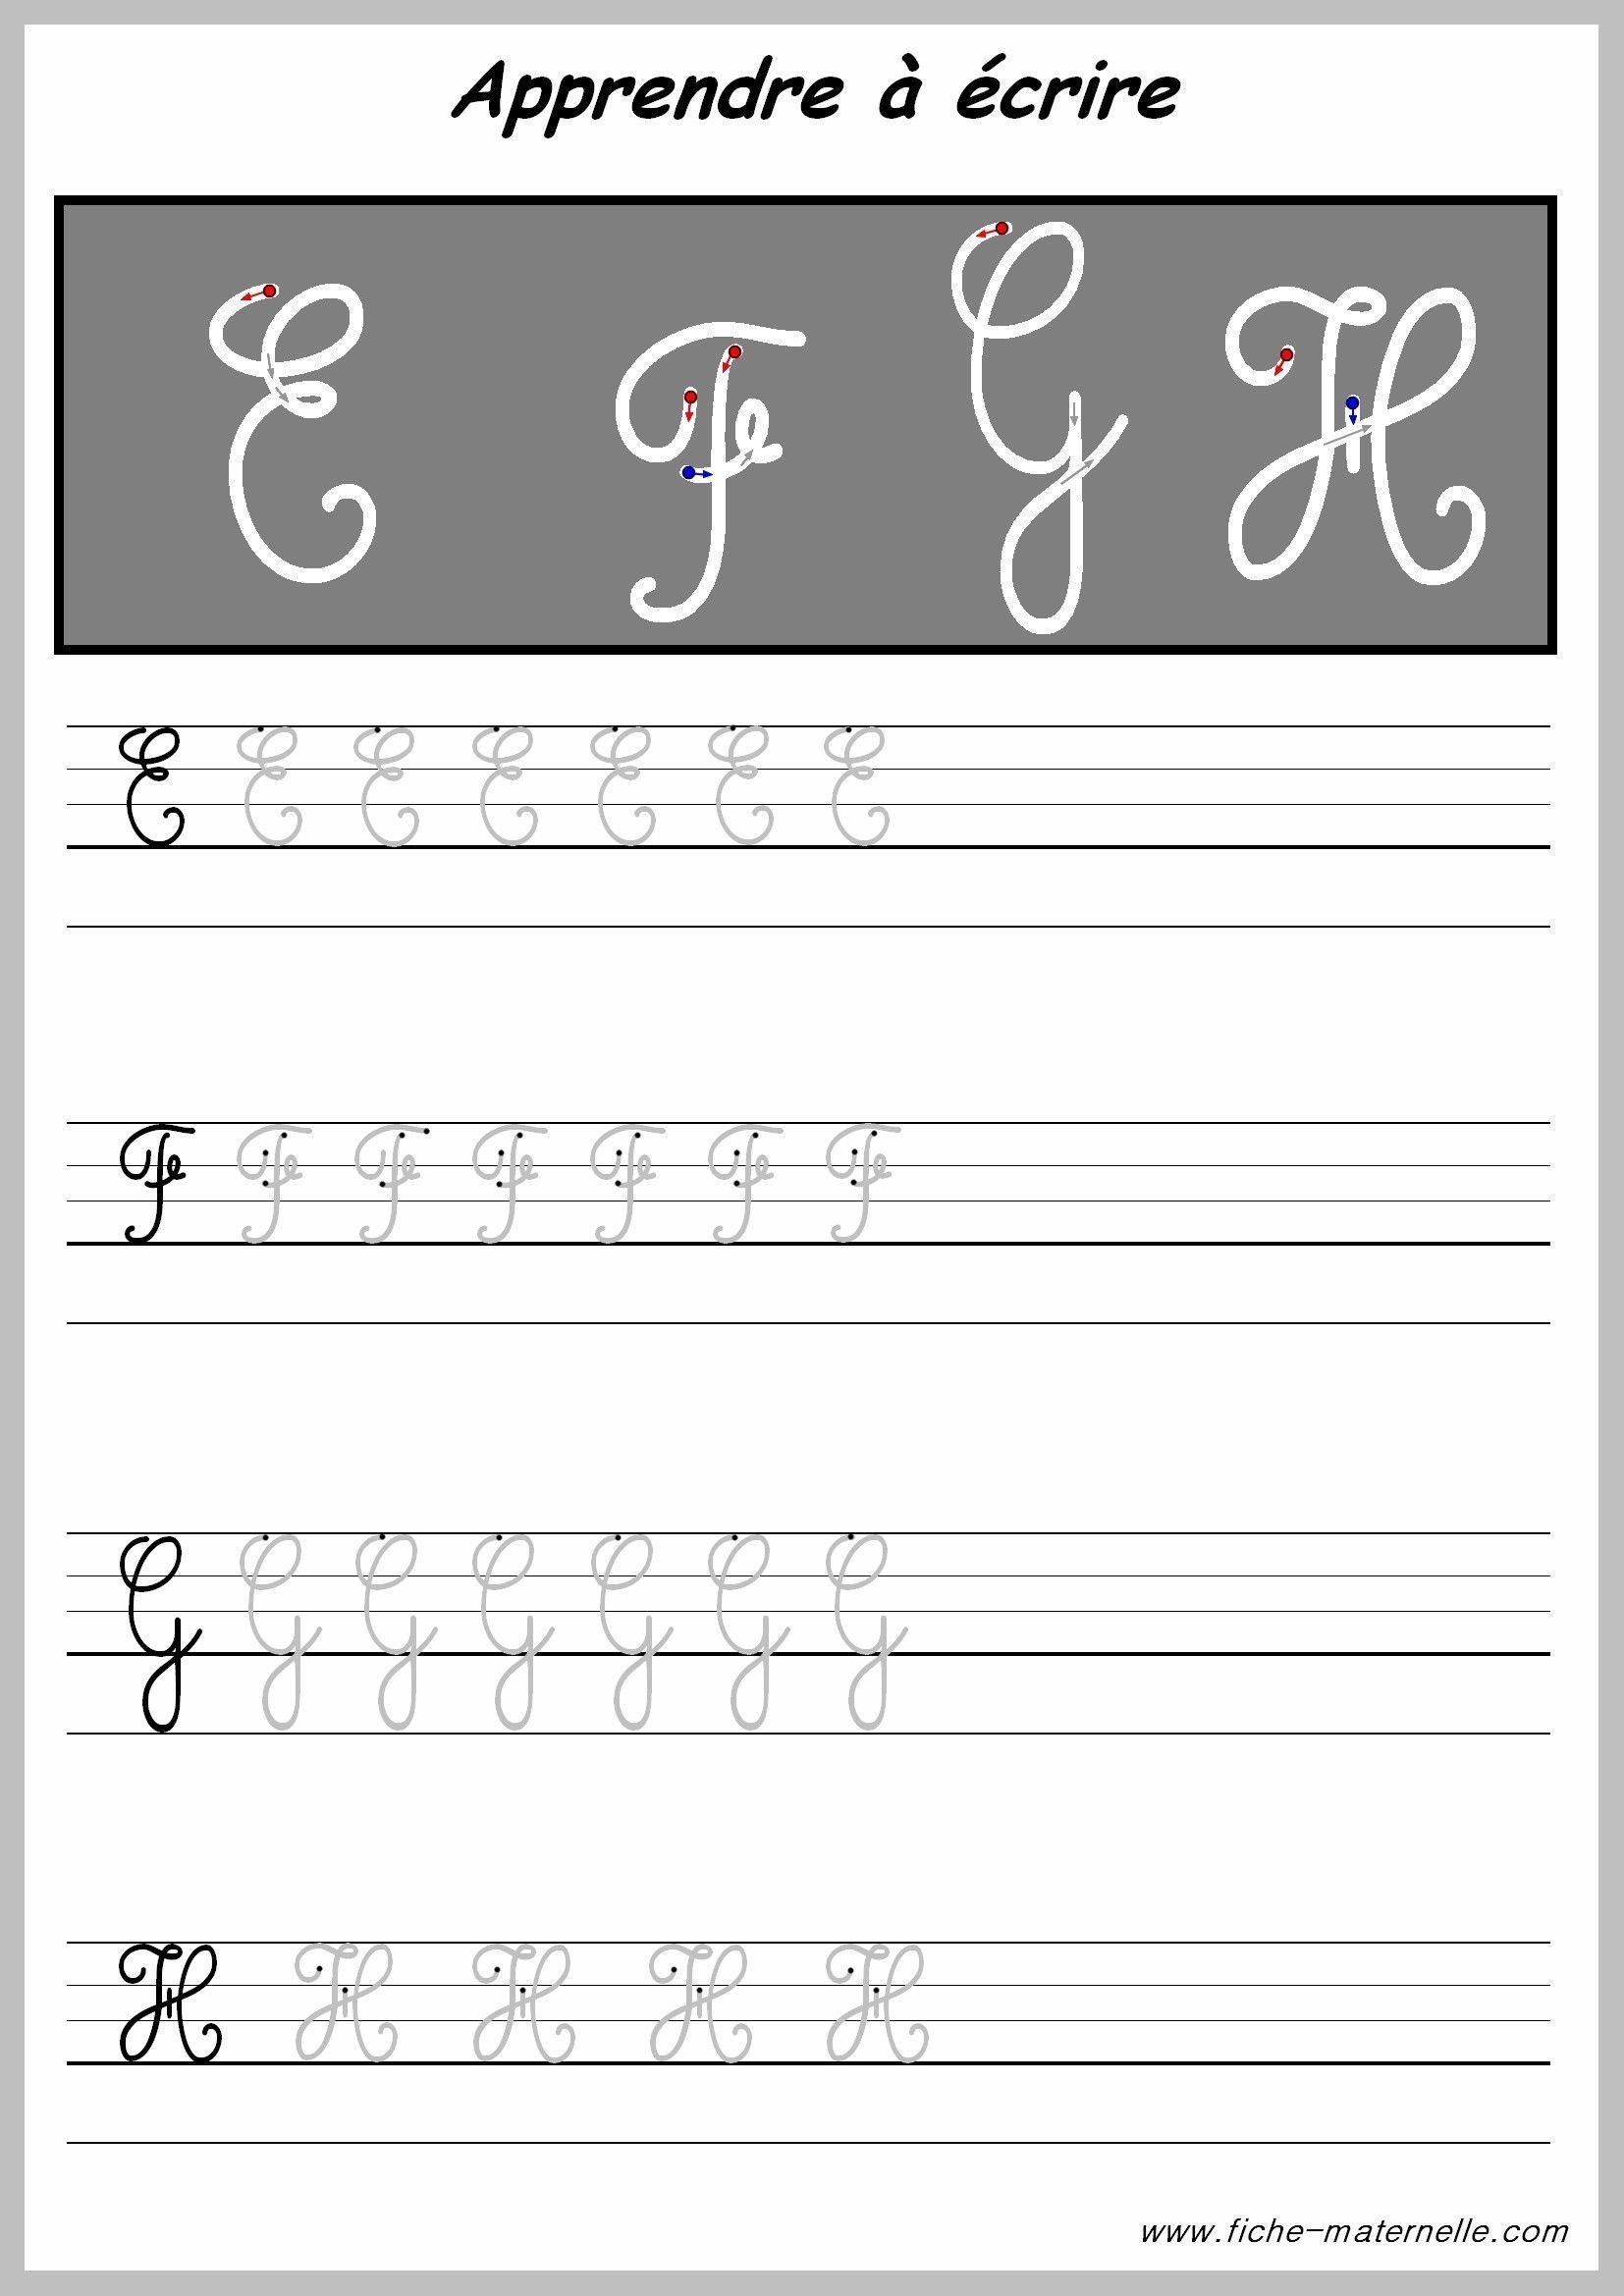 Apprendre À Tracer Les Lettres Majuscules (Avec Images encequiconcerne T Majuscule En Cursive